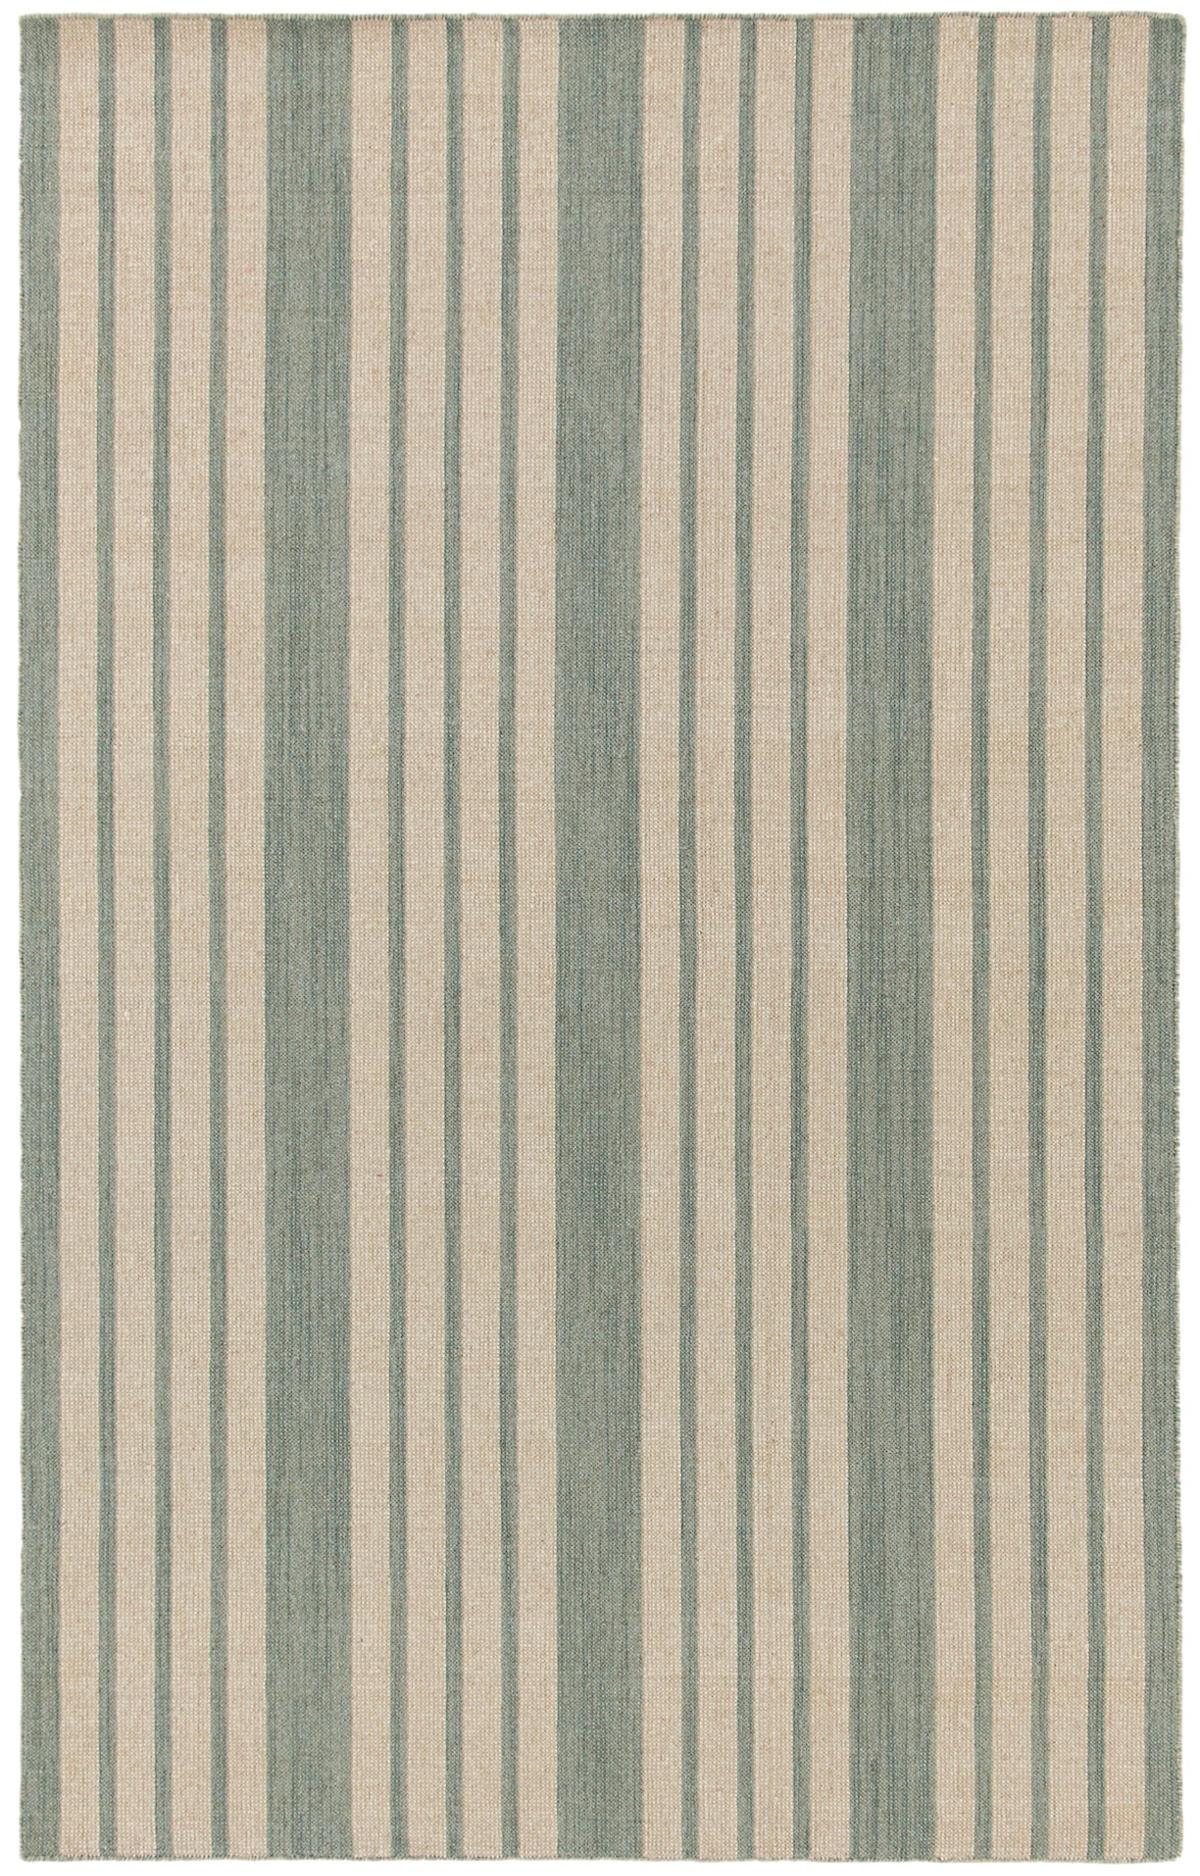 Lenox Seaglass Wool Woven Rug